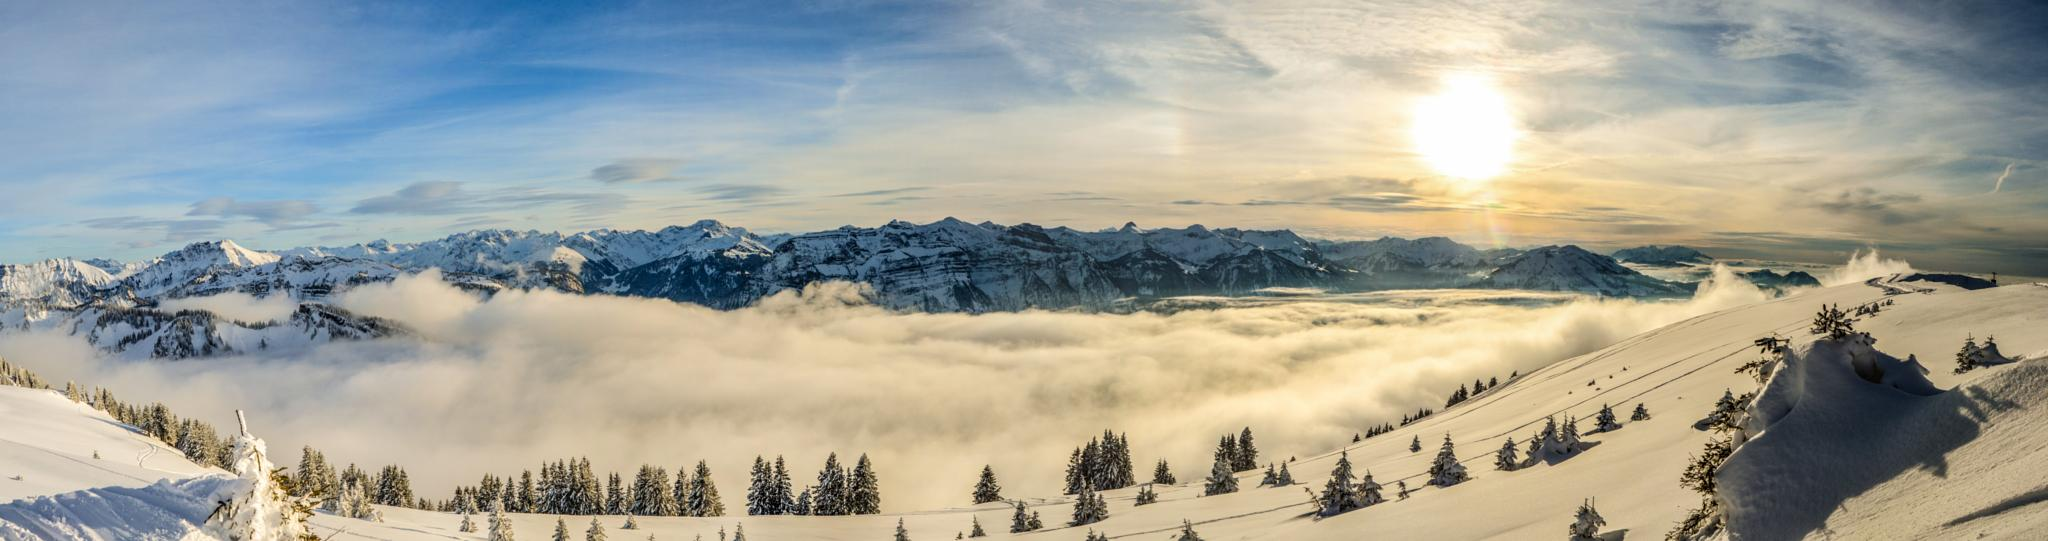 Bregenzerwald Panorama by jibbingpirates